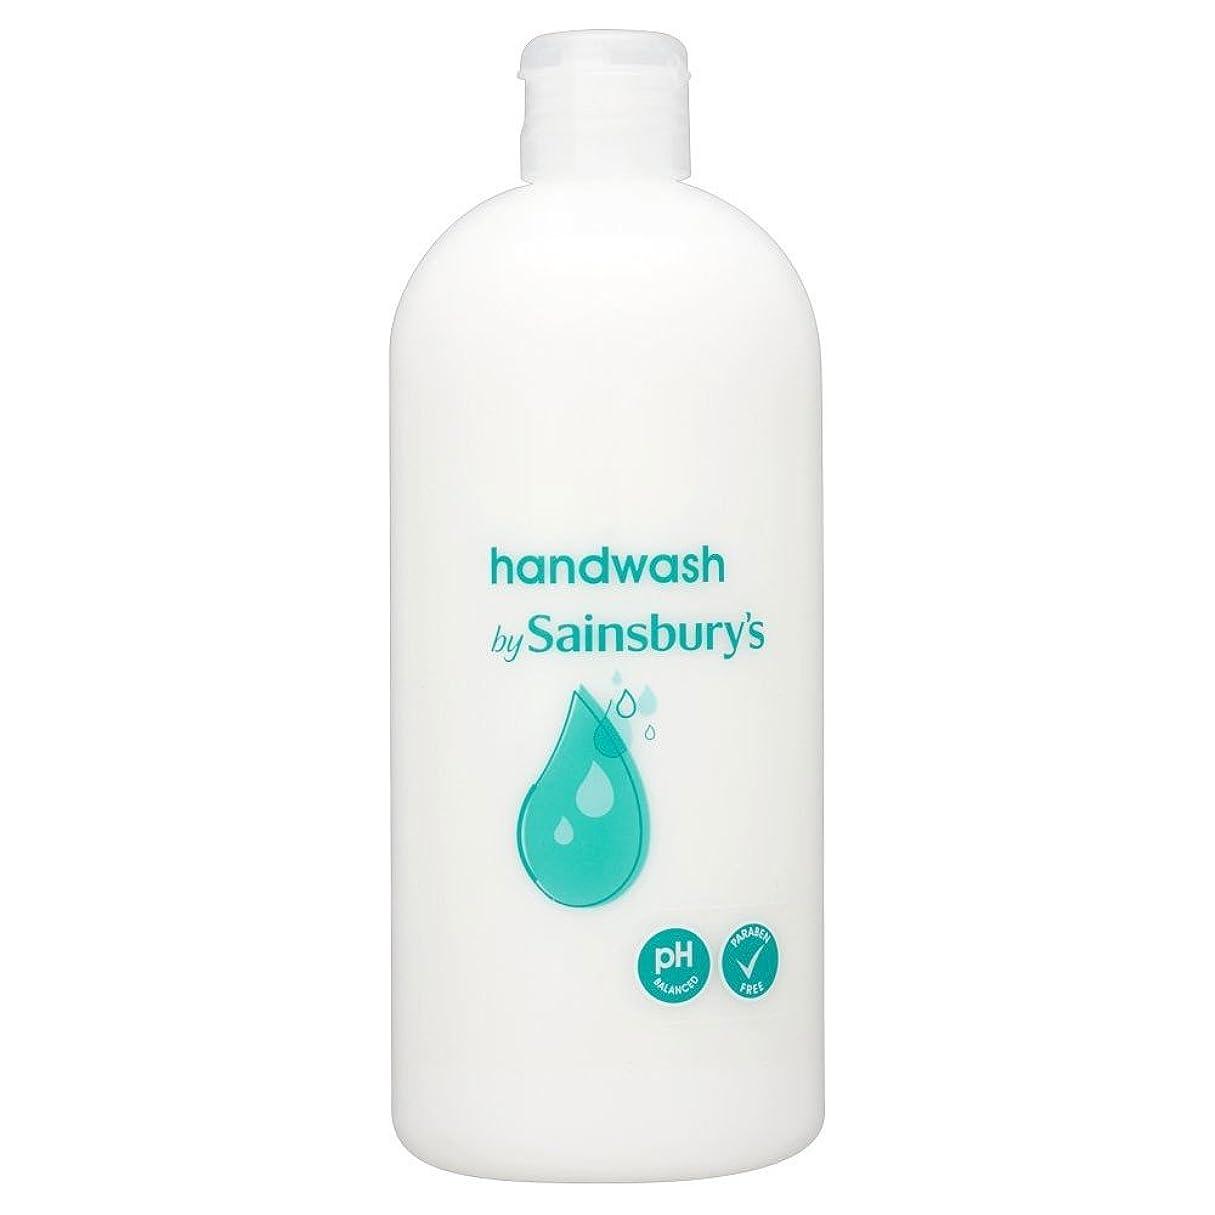 カール役割かんがいSainsbury's Handwash, White Refill 500ml (Pack of 4) - (Sainsbury's) 手洗い、白リフィル500ミリリットル (x4) [並行輸入品]